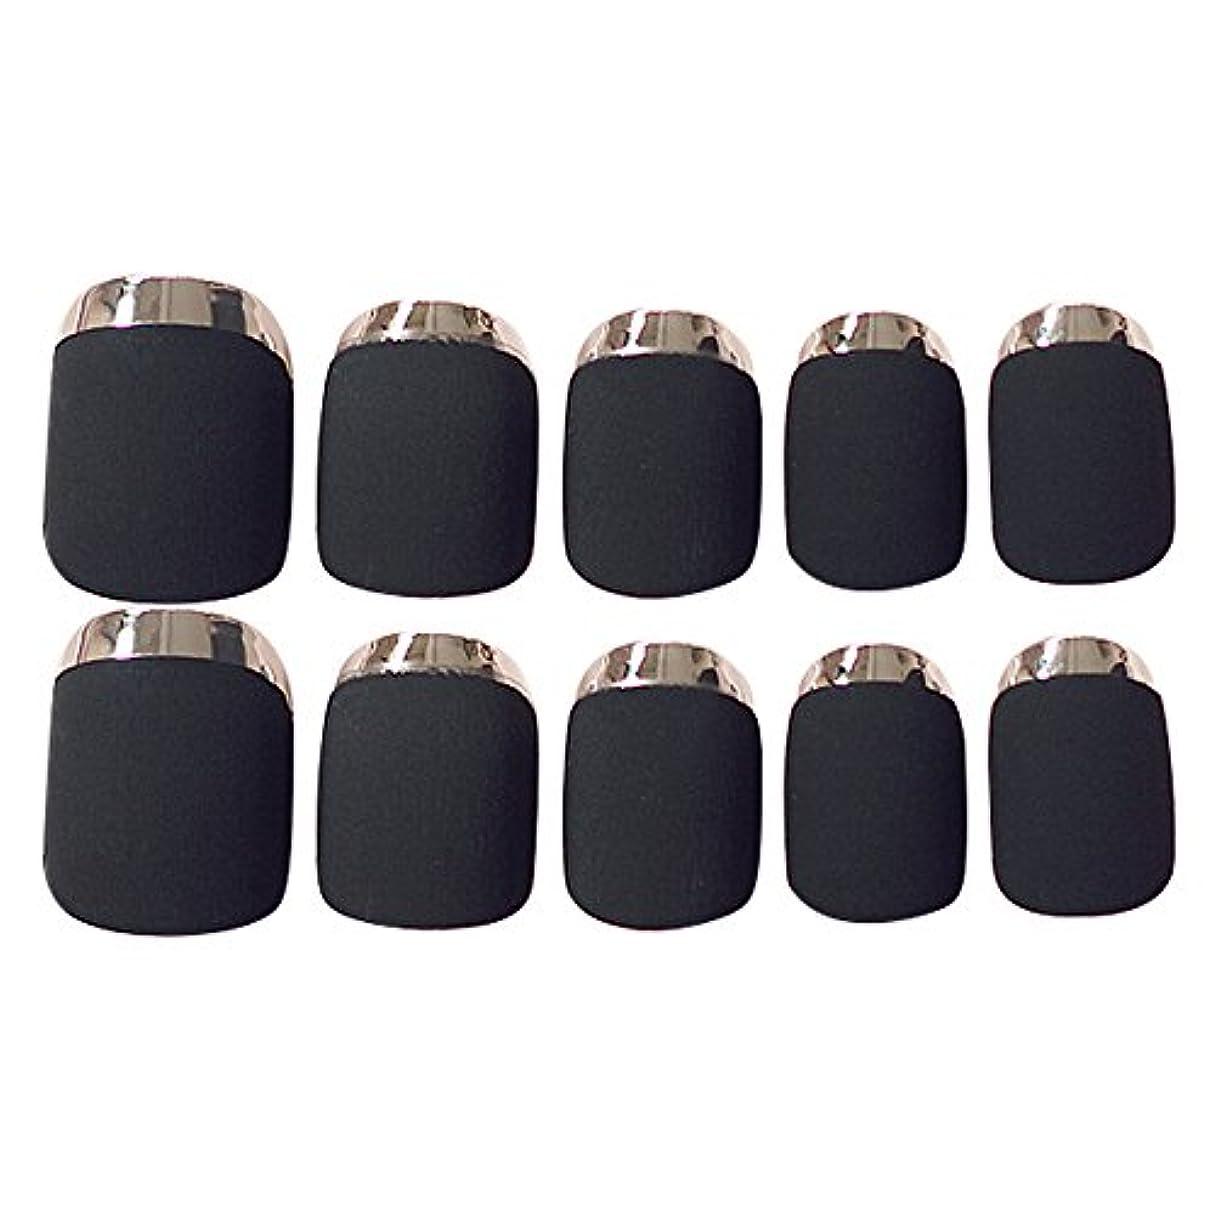 アピール即席ミニチュアゴシレ Gosear 24 個 12 サイズ ネイルチップ 人工偽爪のヒント 黑色